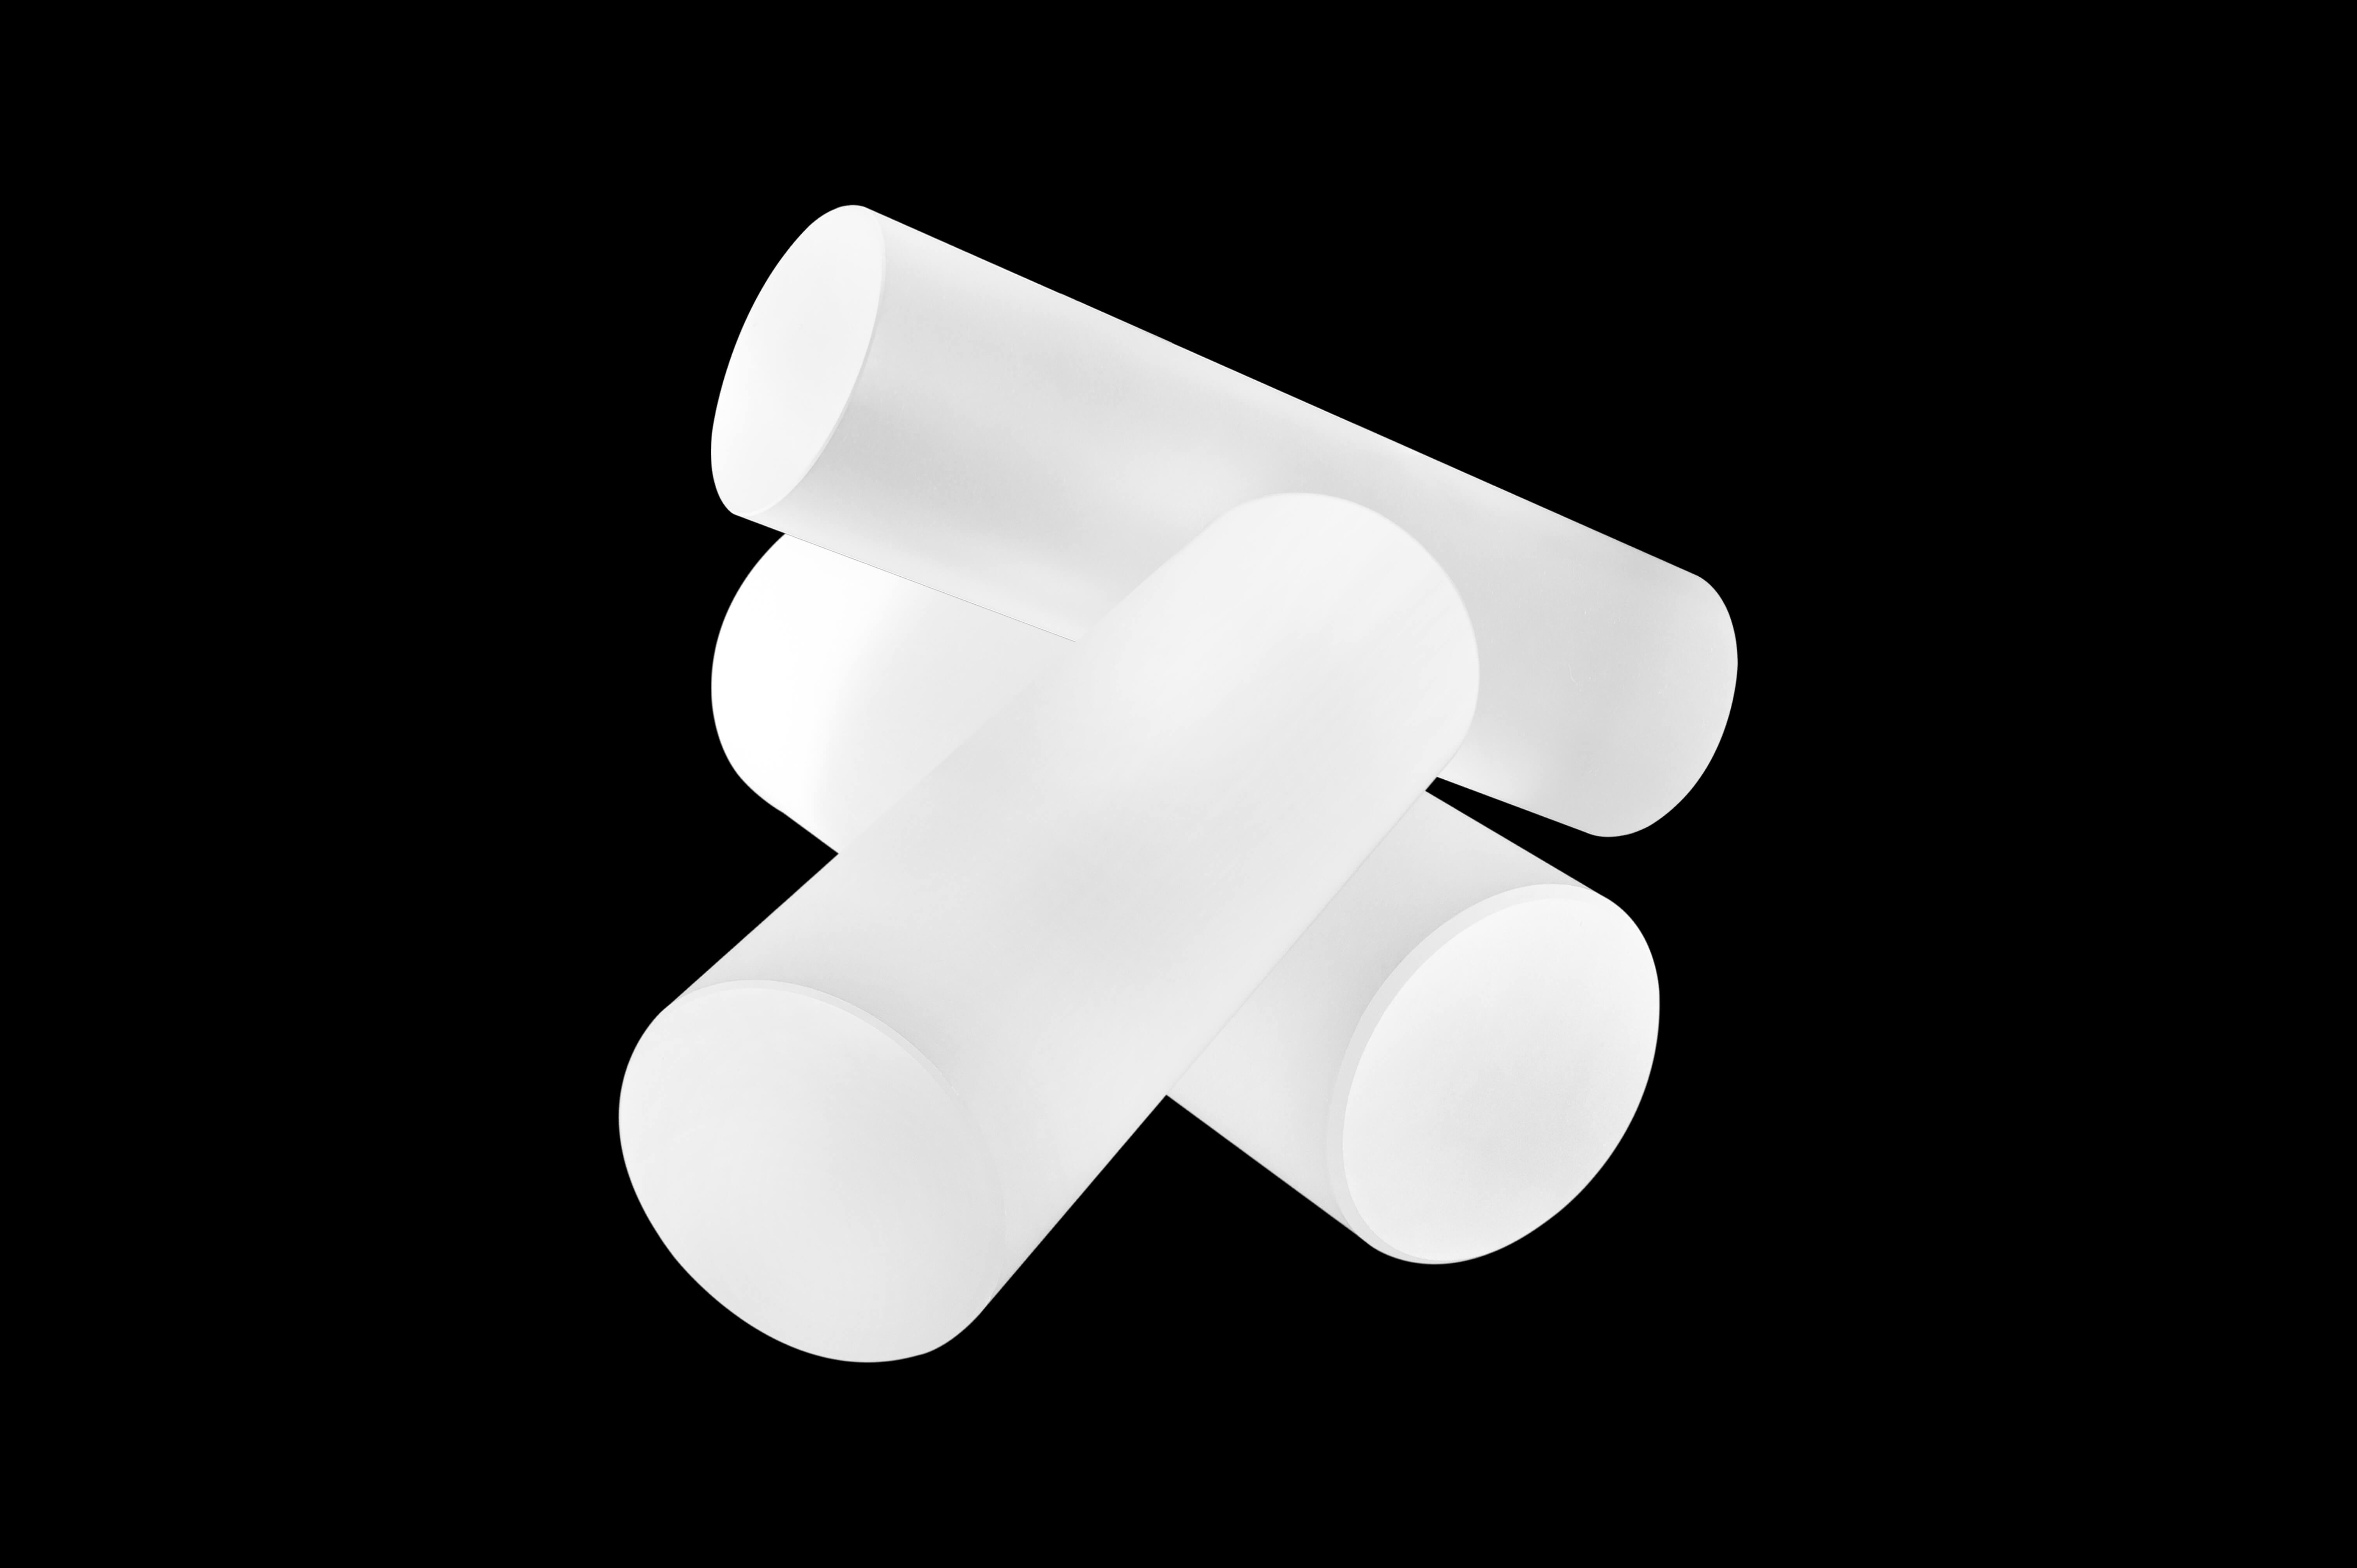 Magnesium fluoride (MgF2)